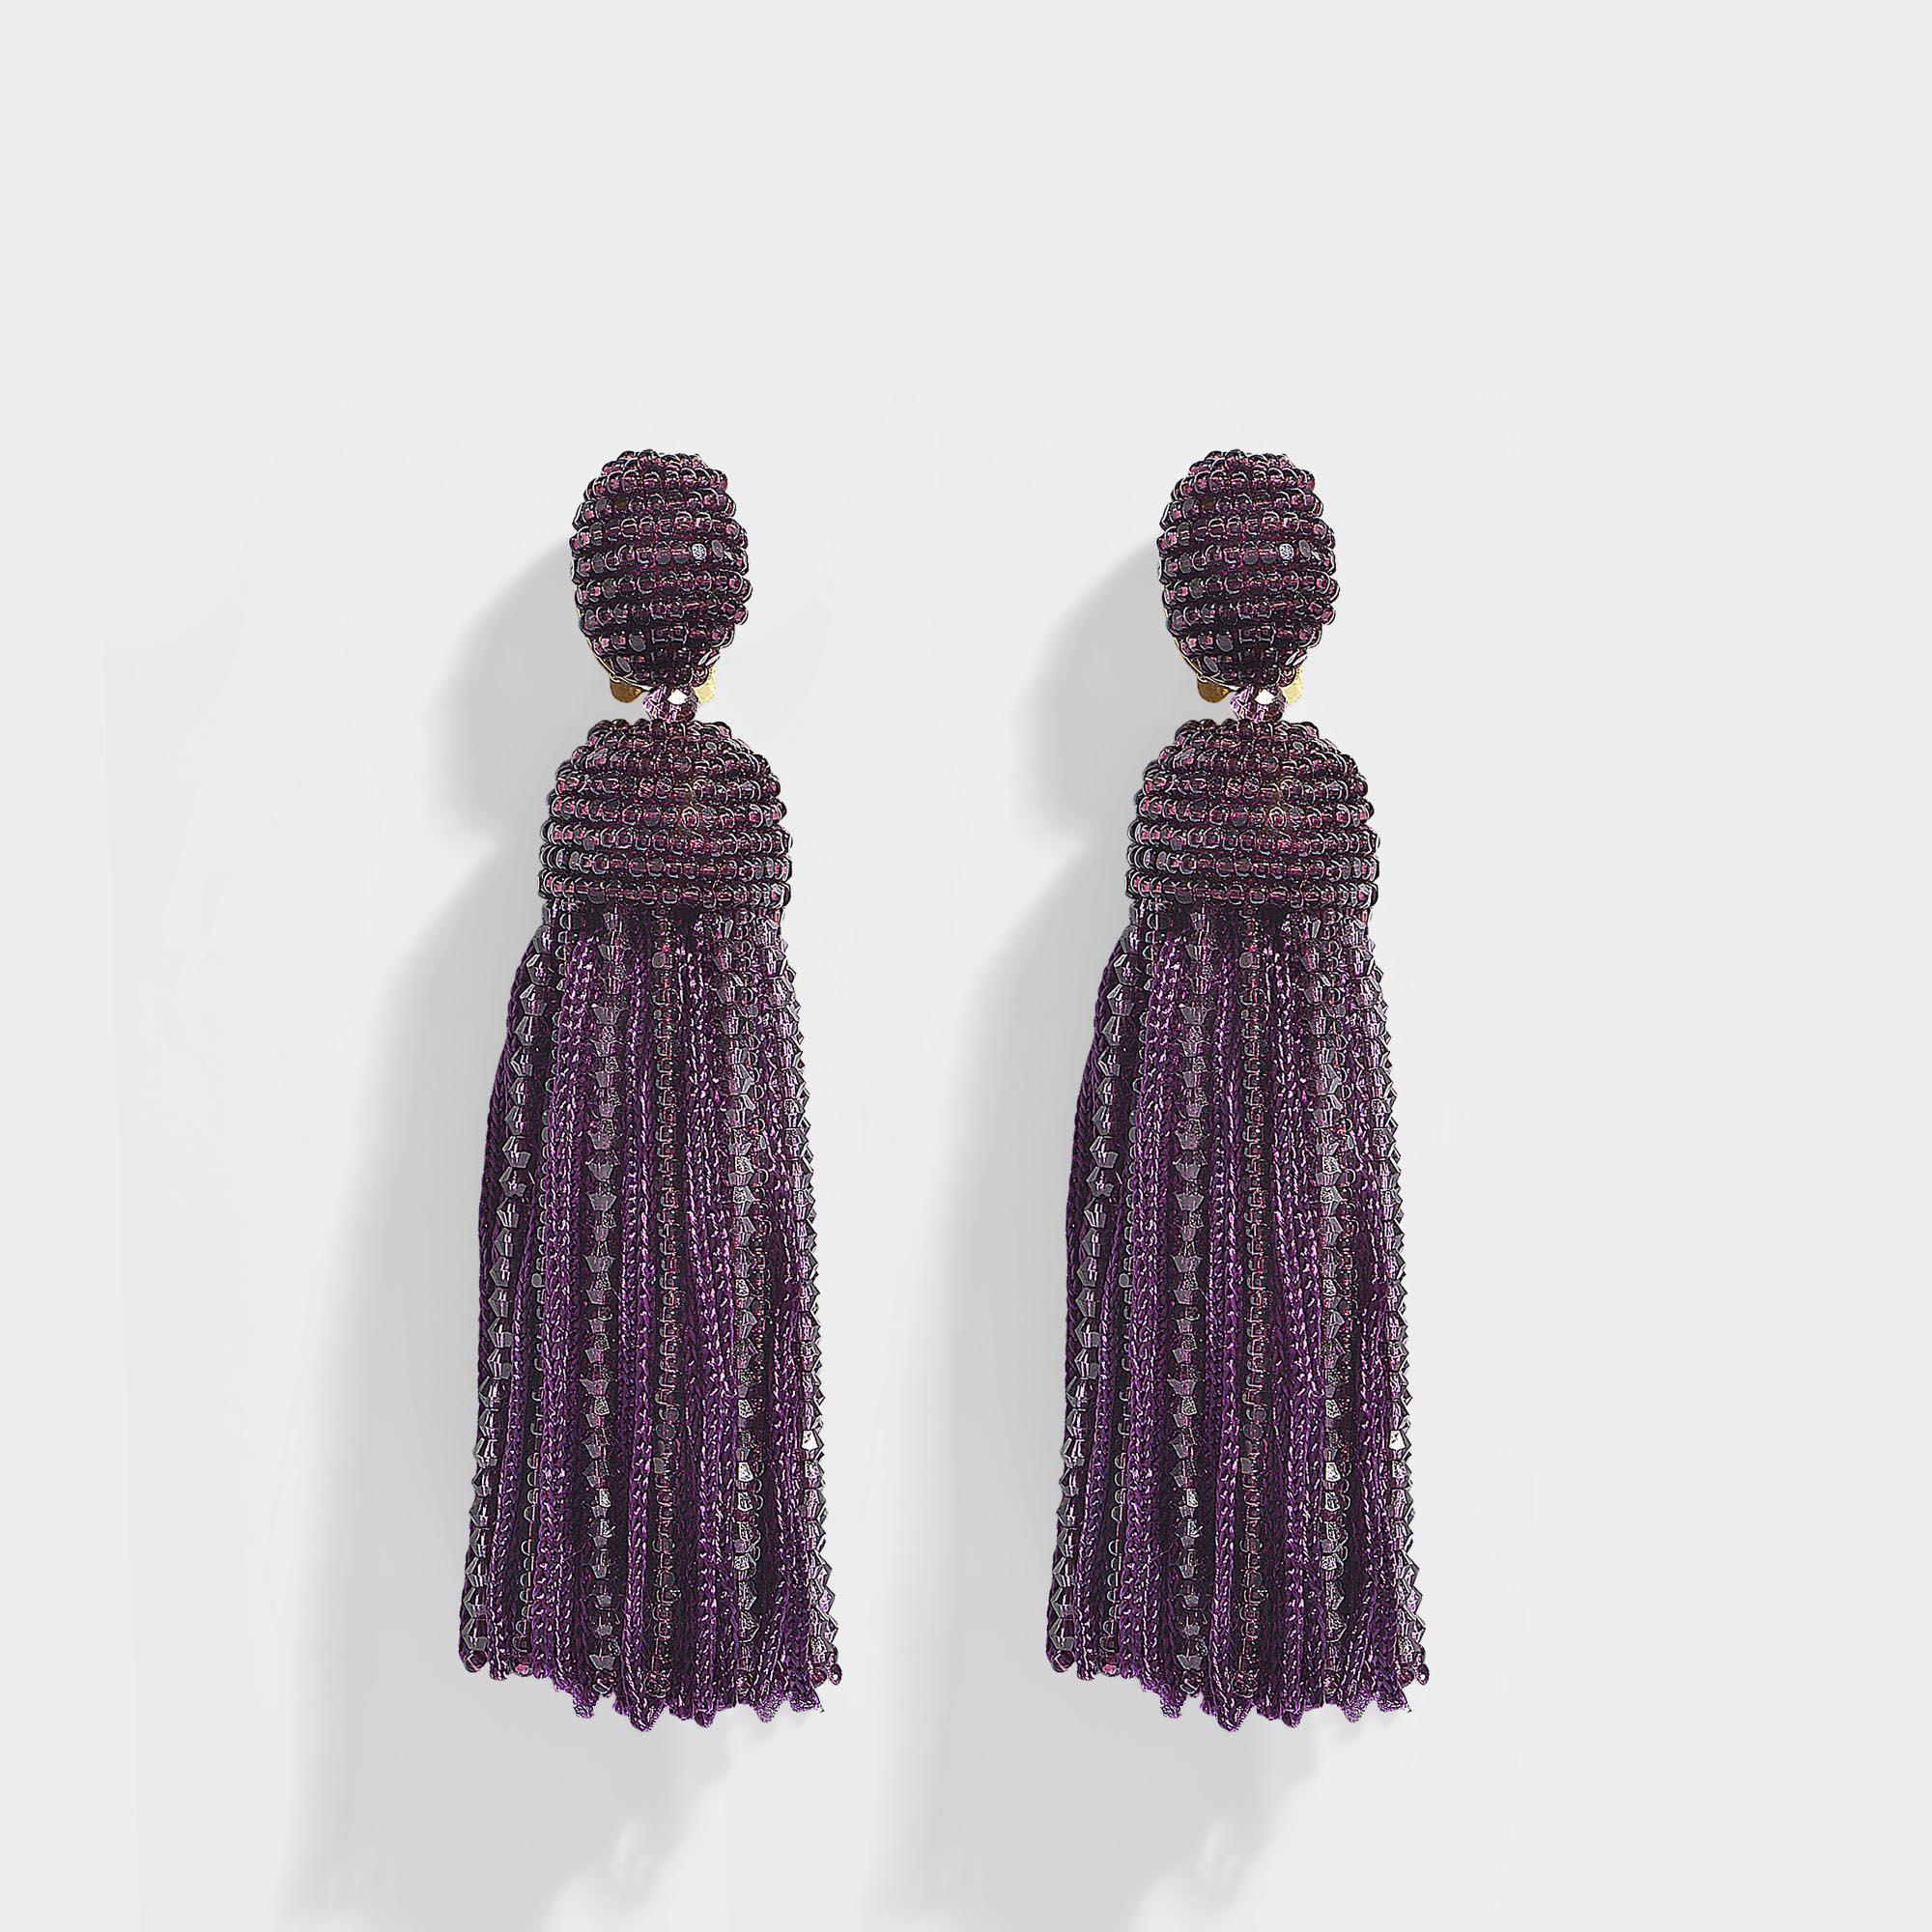 832d6f049 Oscar de la Renta Short Beaded Silk Tassel Clip Earrings in Purple ...